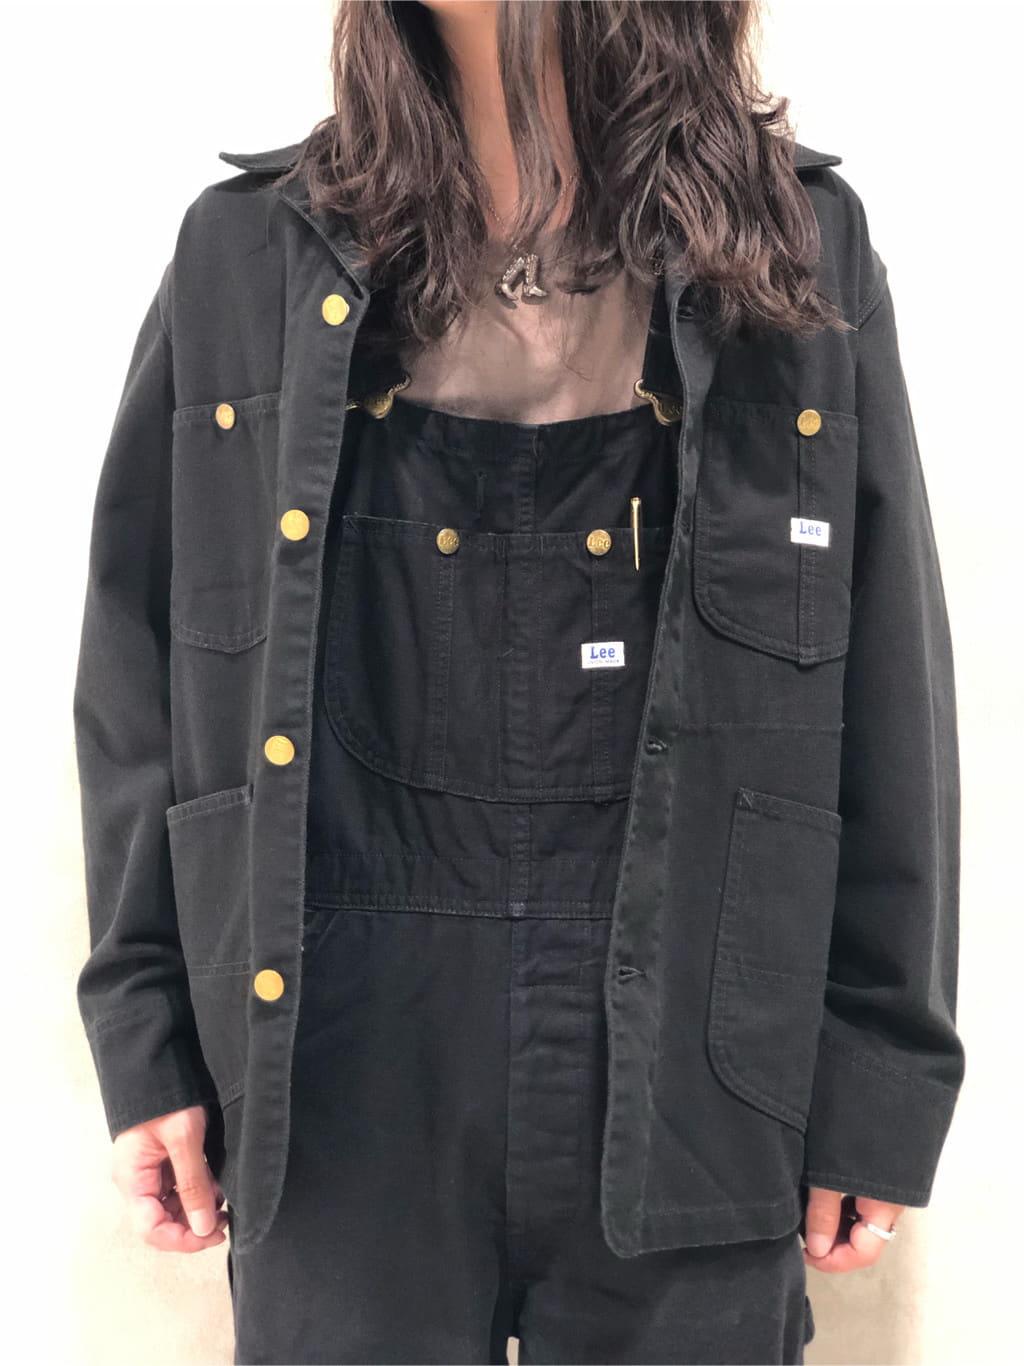 Lee 名古屋店のTakayaさんのLeeの【試着対象】【期間限定10%OFF】カバーオールジャケットを使ったコーディネート